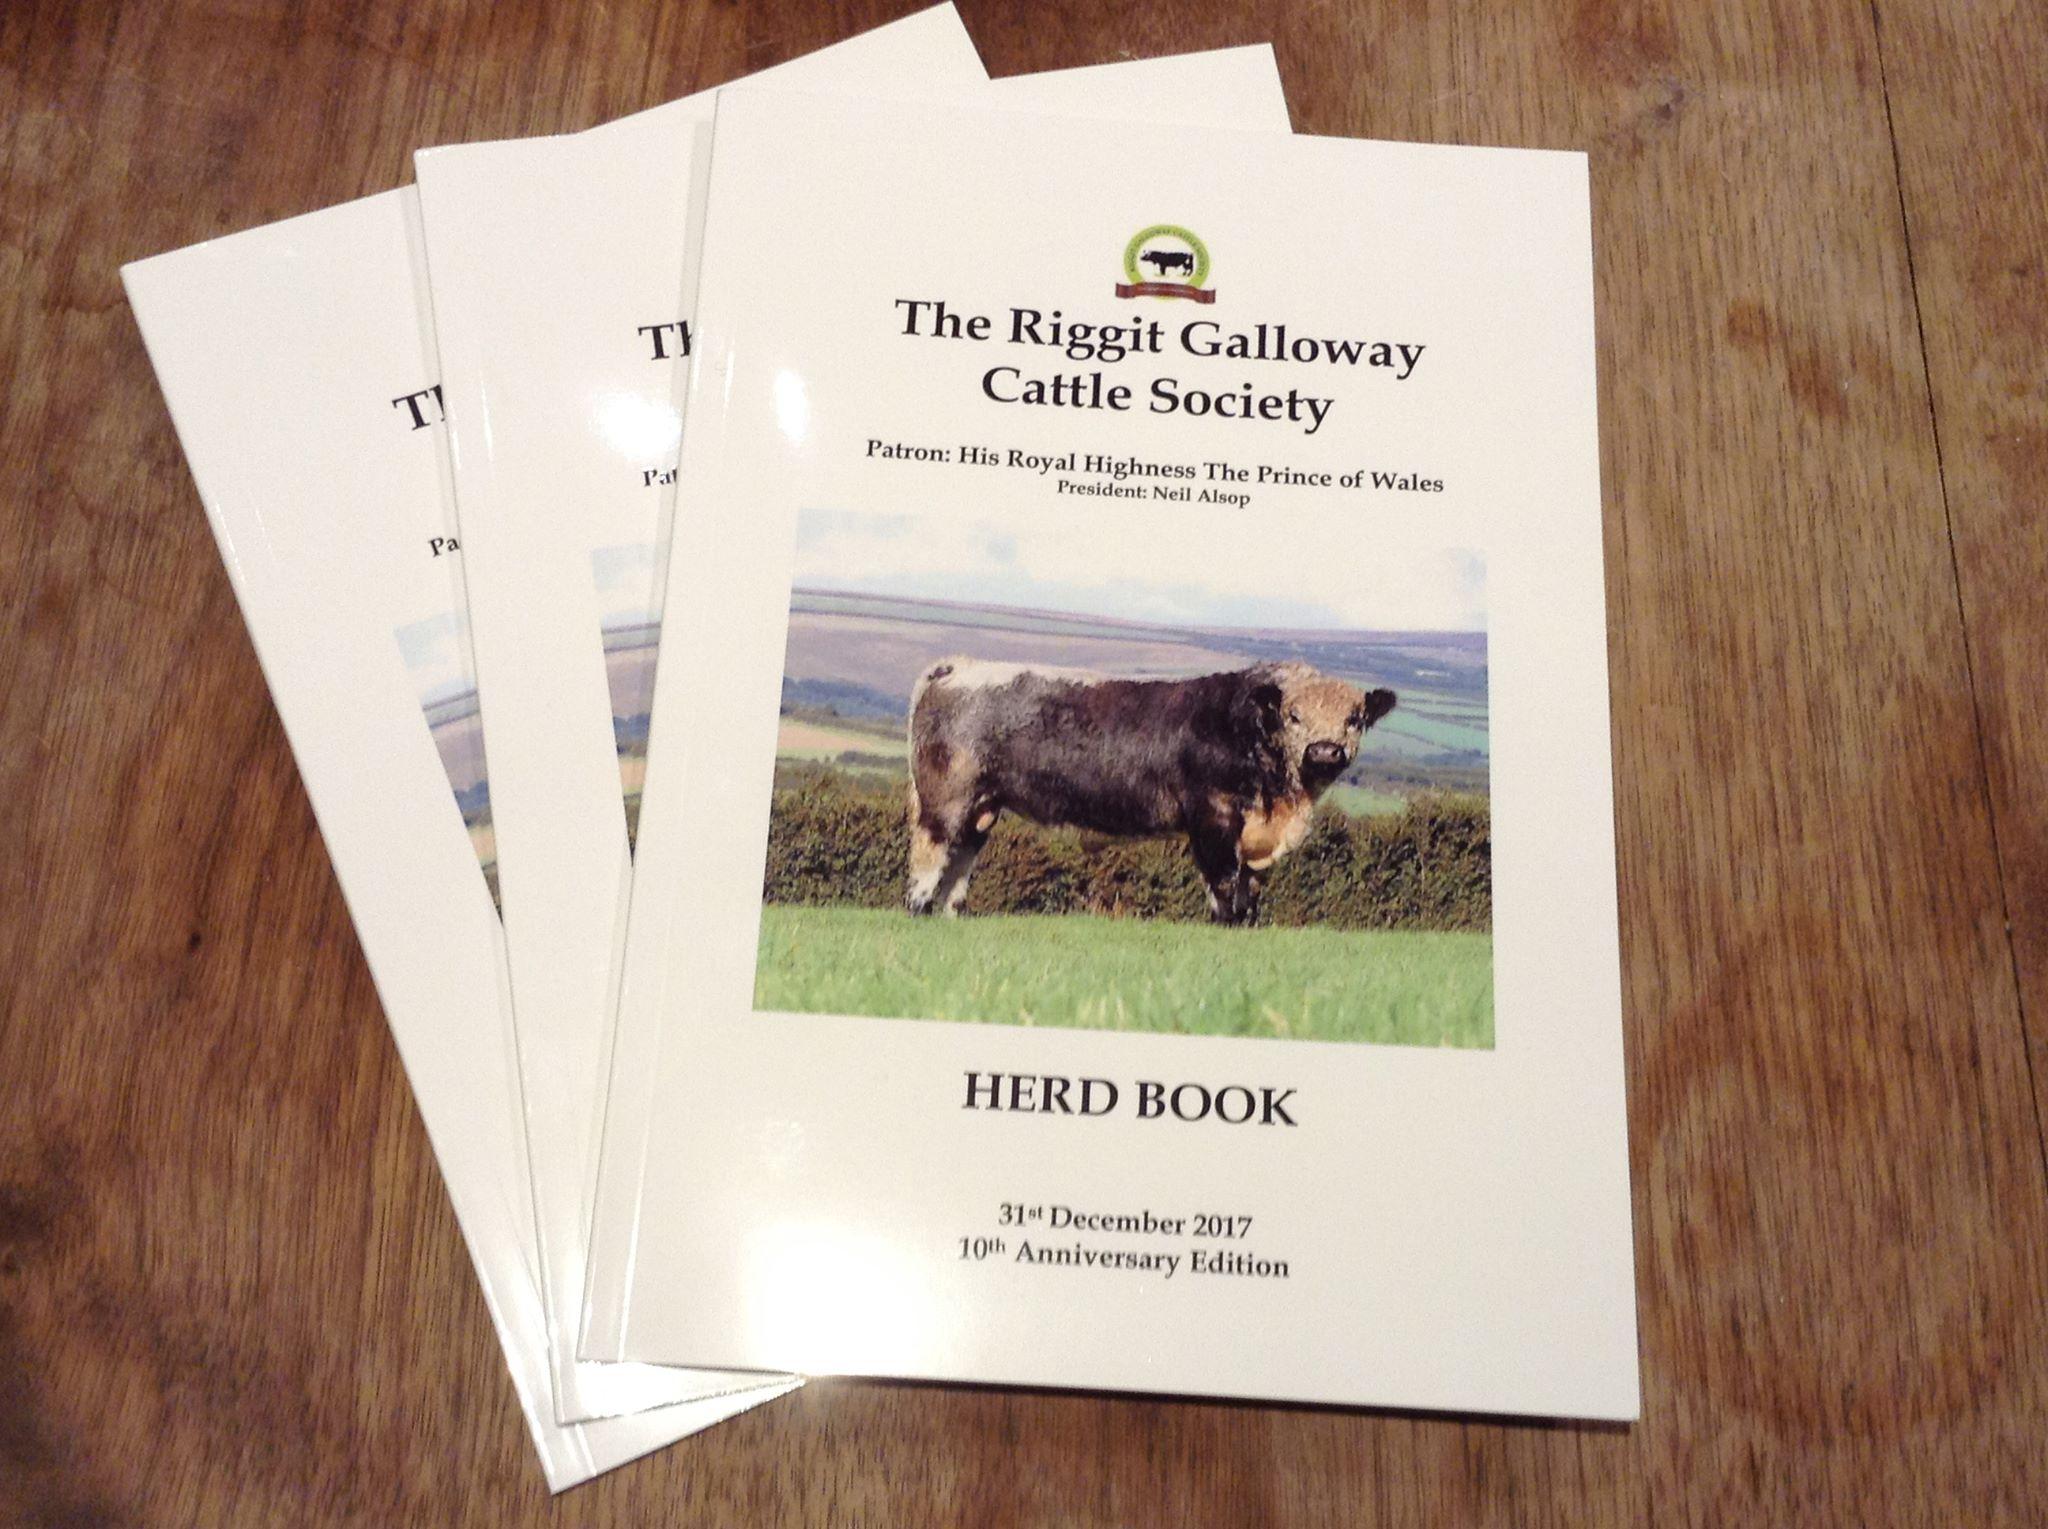 herd books